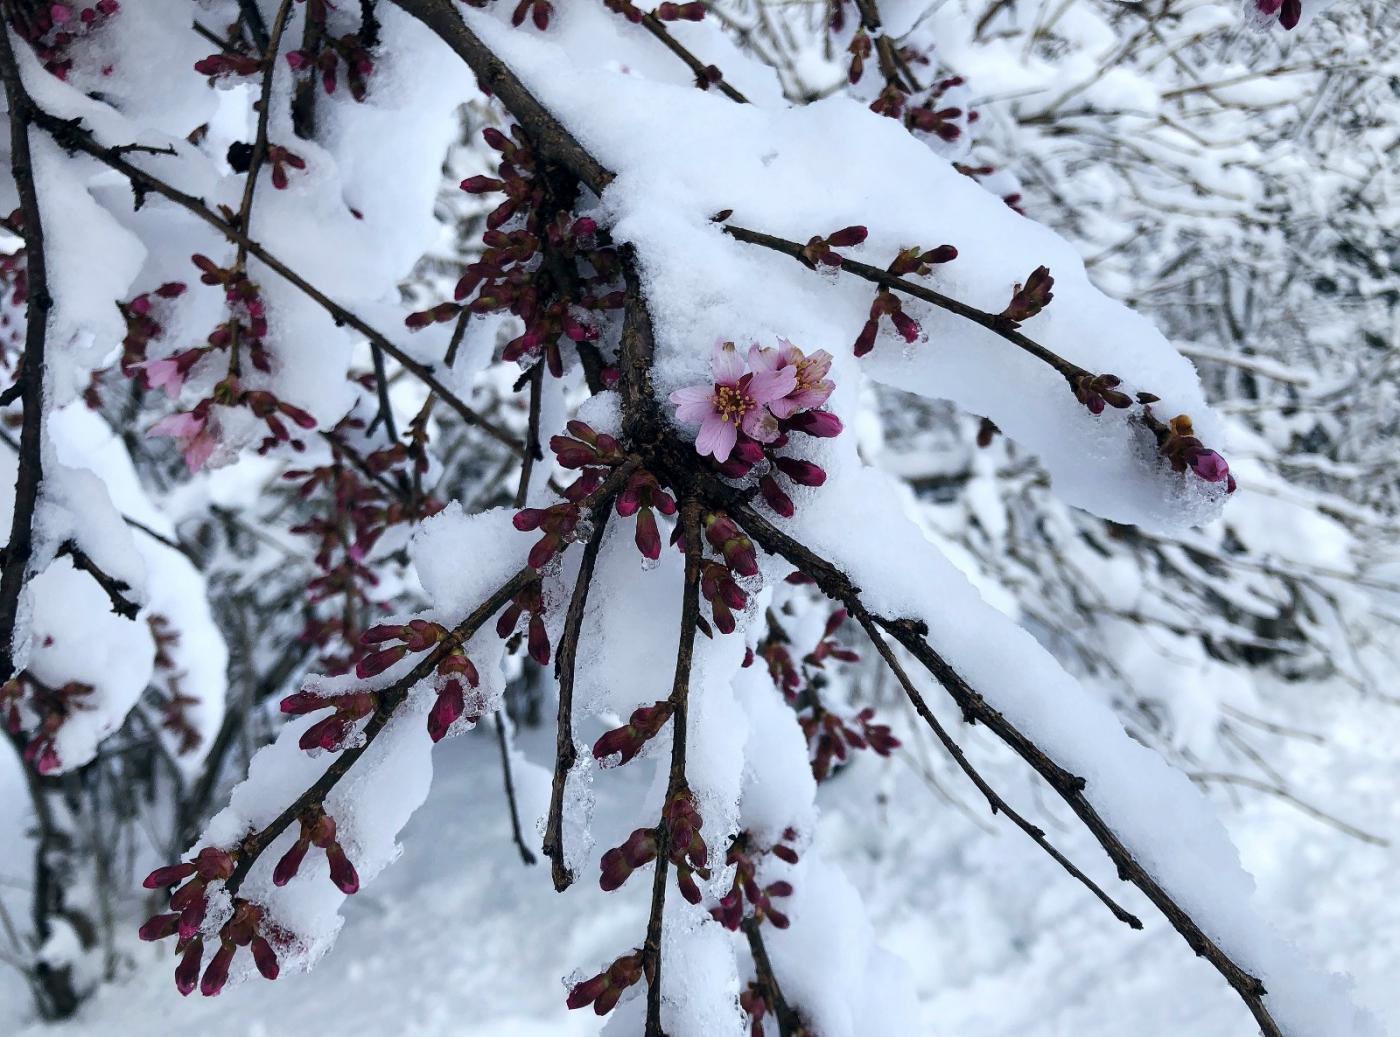 【田螺手机摄影】在纽约市拍雪景、还是中央公园最漂亮_图1-31